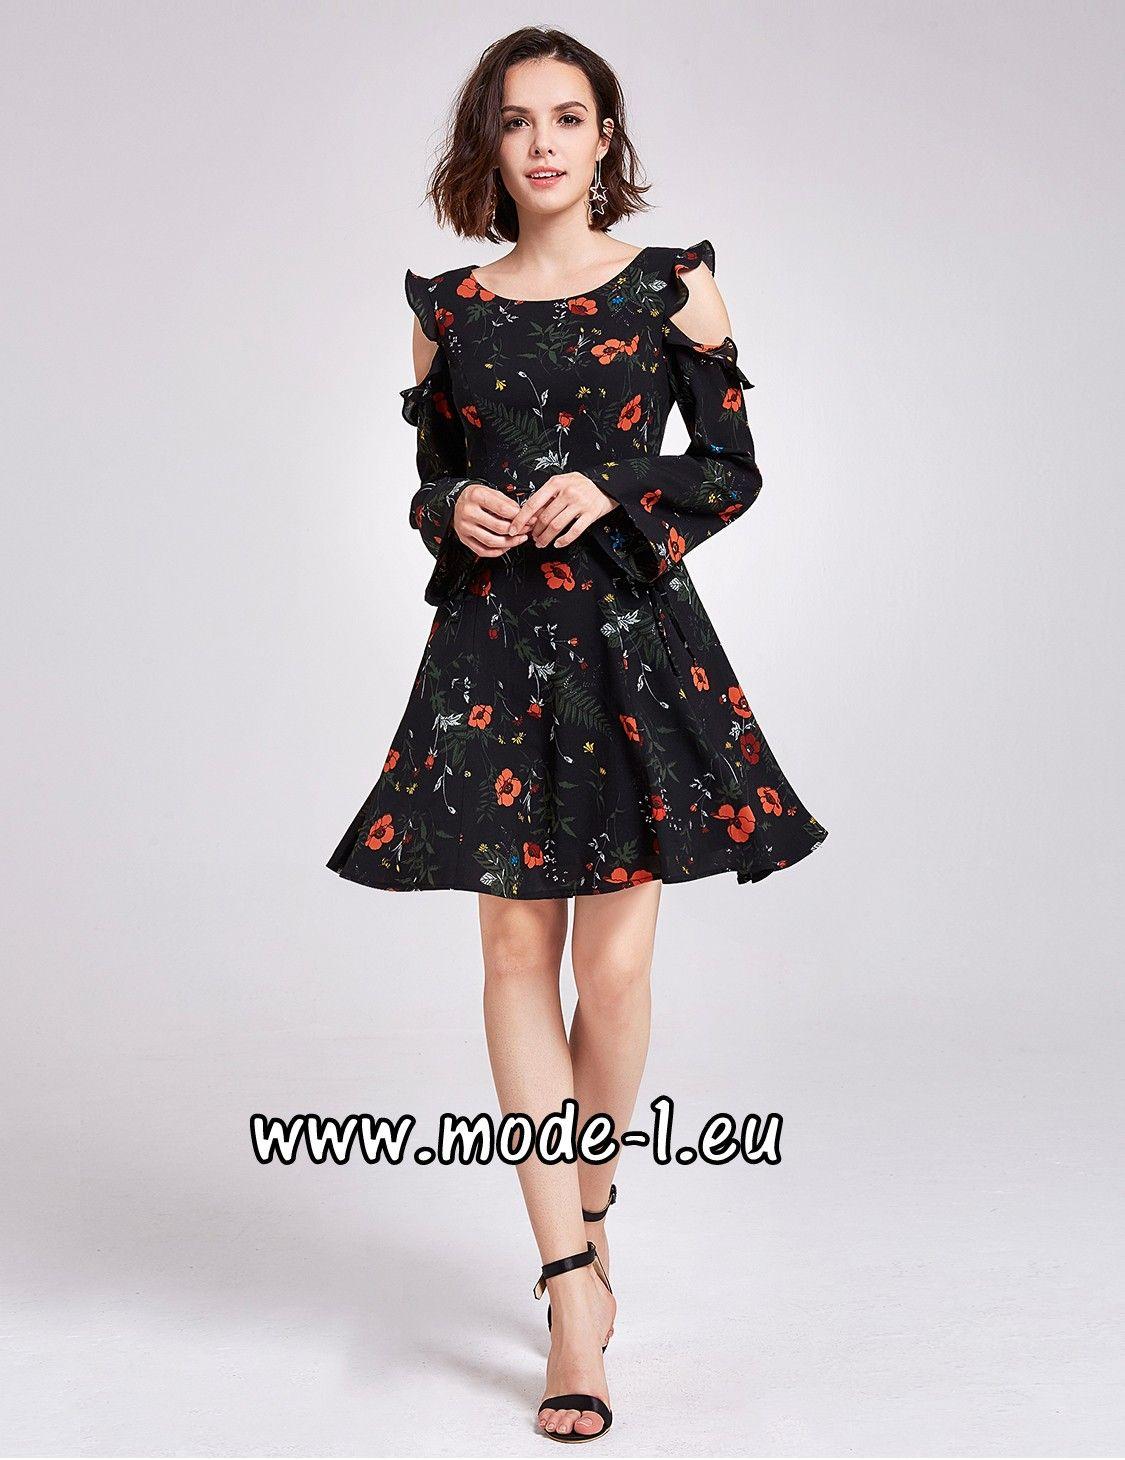 Schulterfreies Kleid Cocktailkleid 2018 mit Blumen Muster | In ...